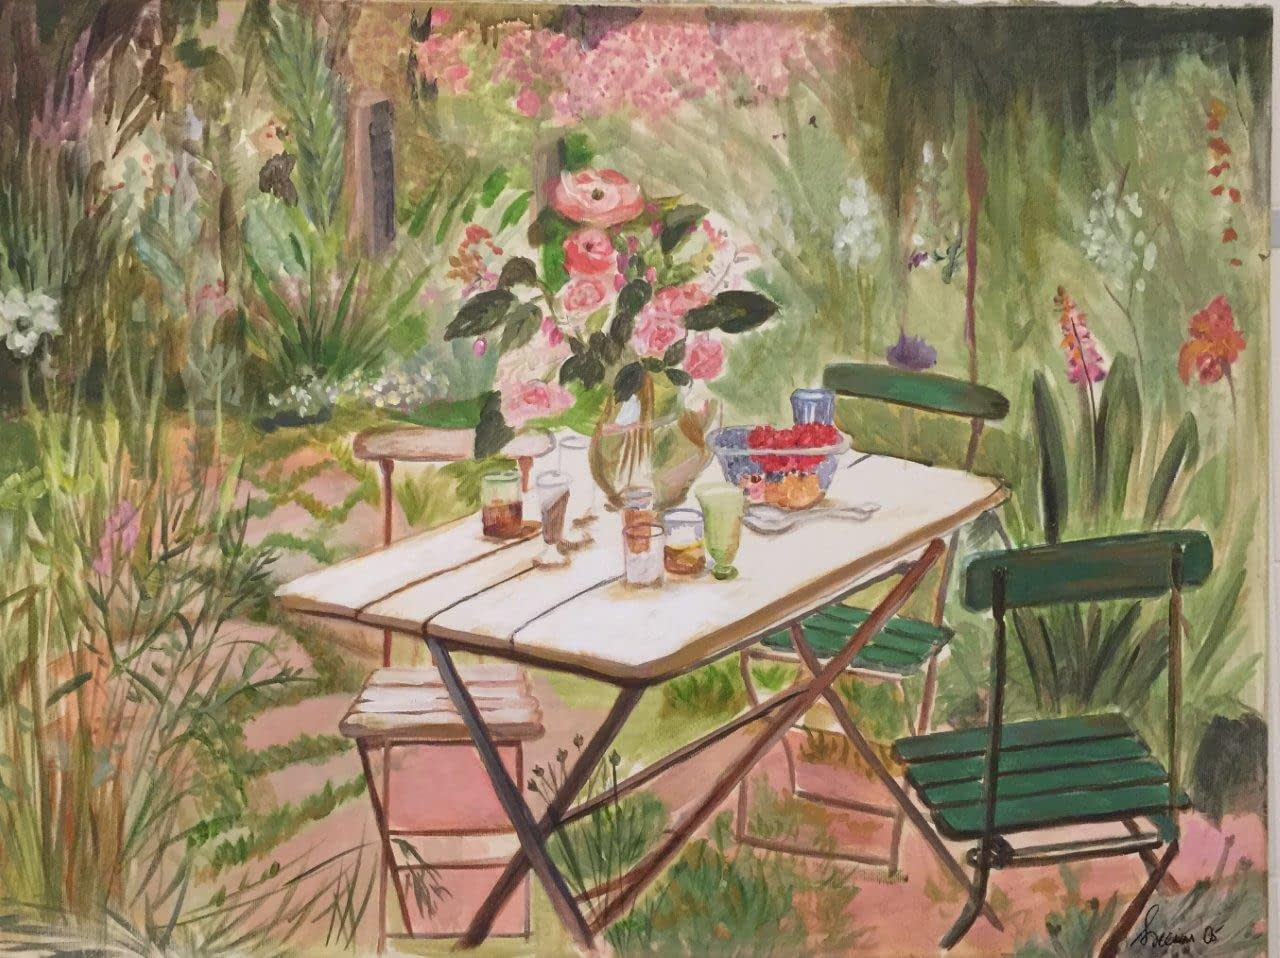 Fairytale Garden - acrylics